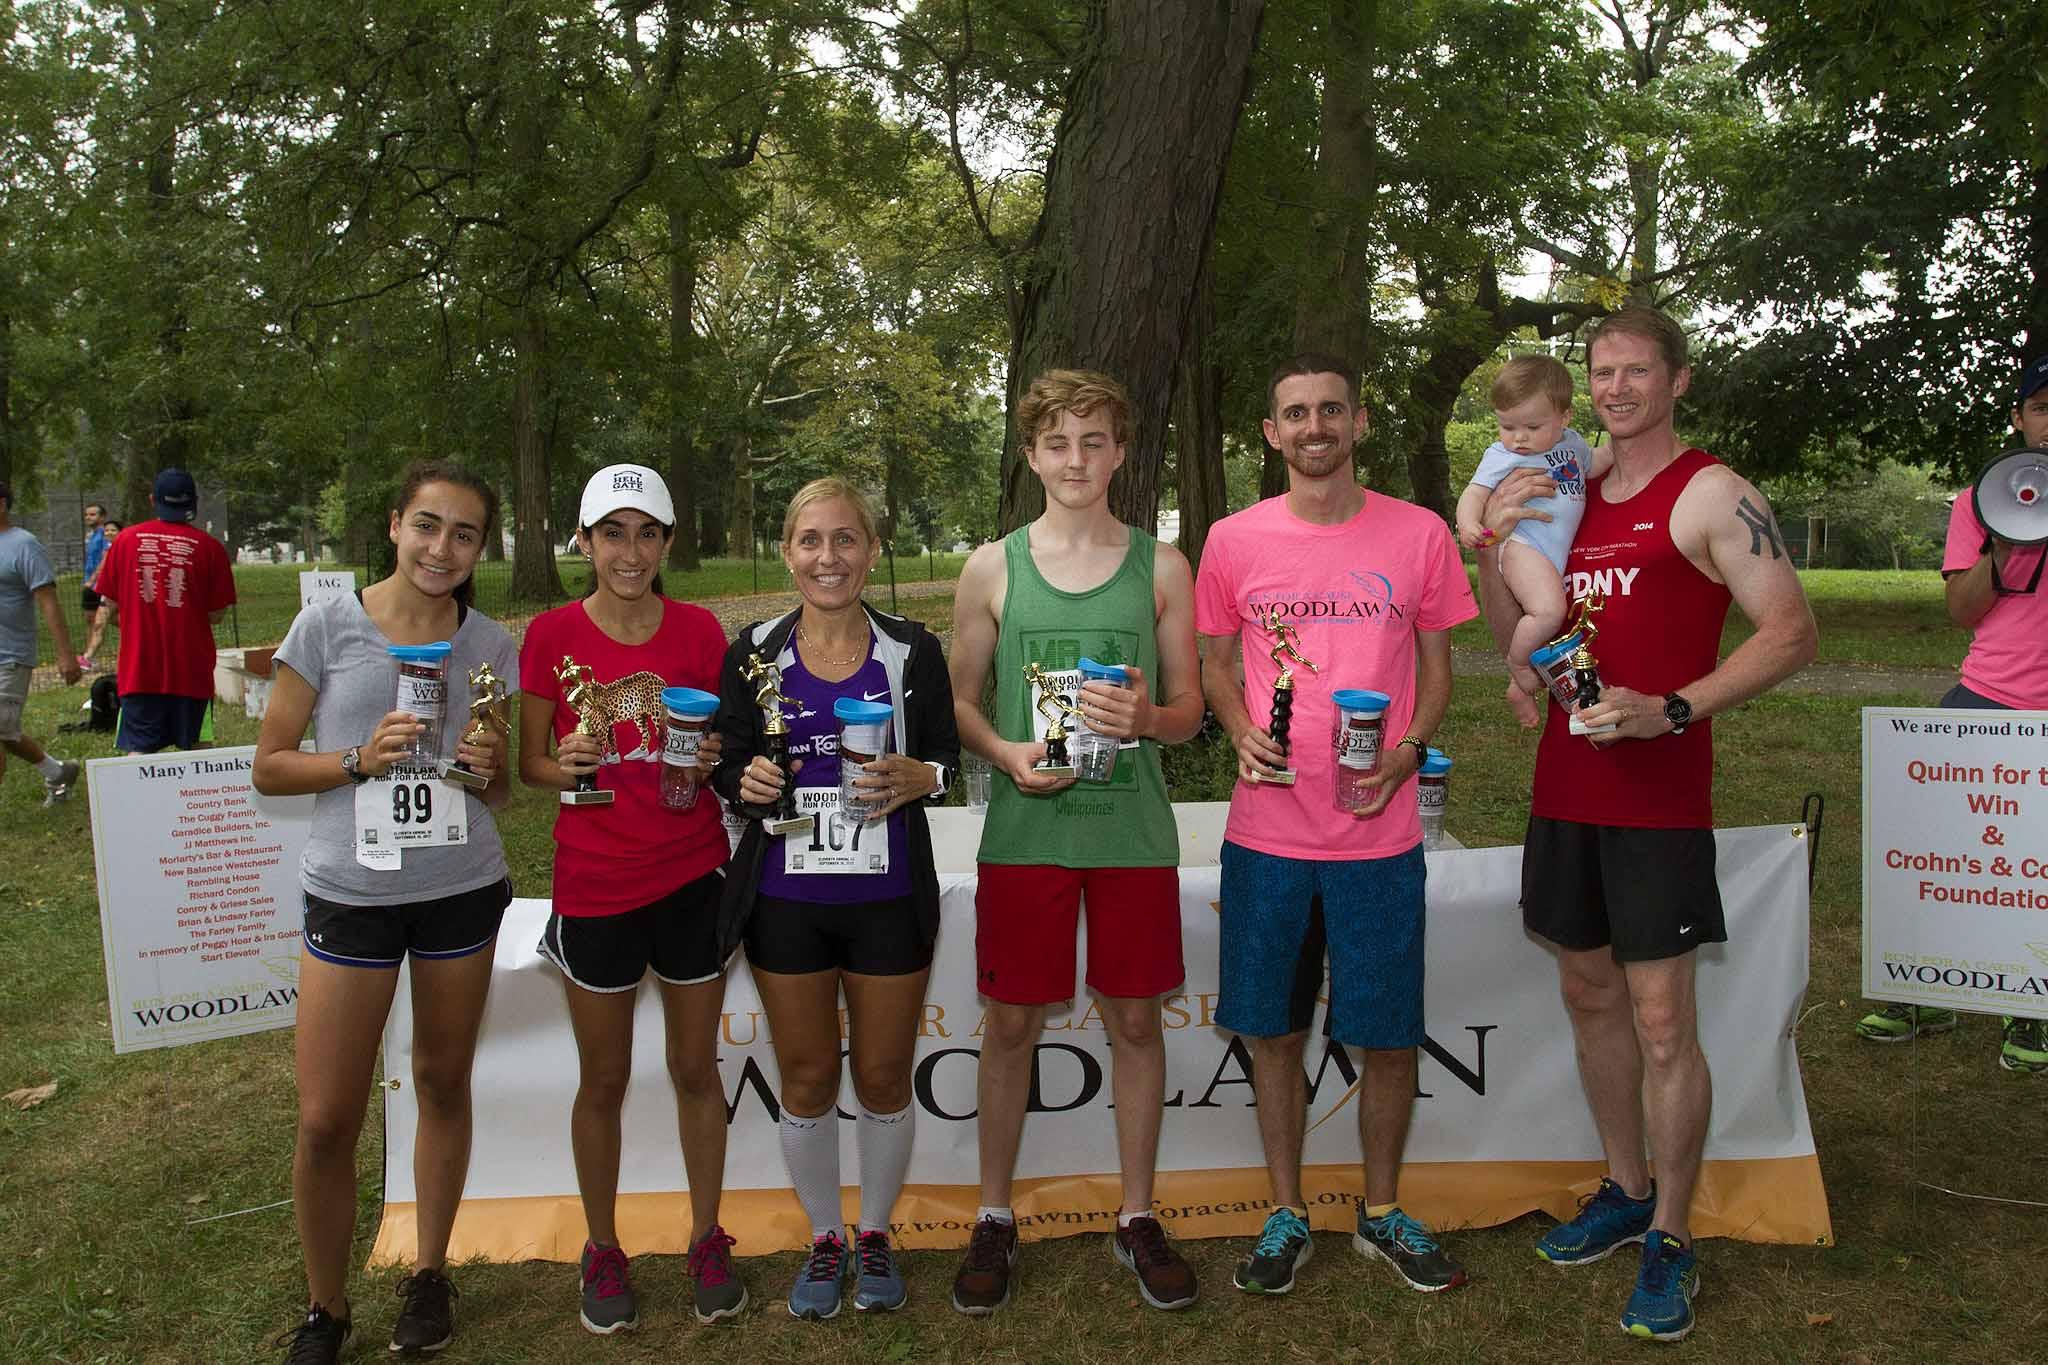 257-Woodlawn Run for a Cause-053-2.jpg